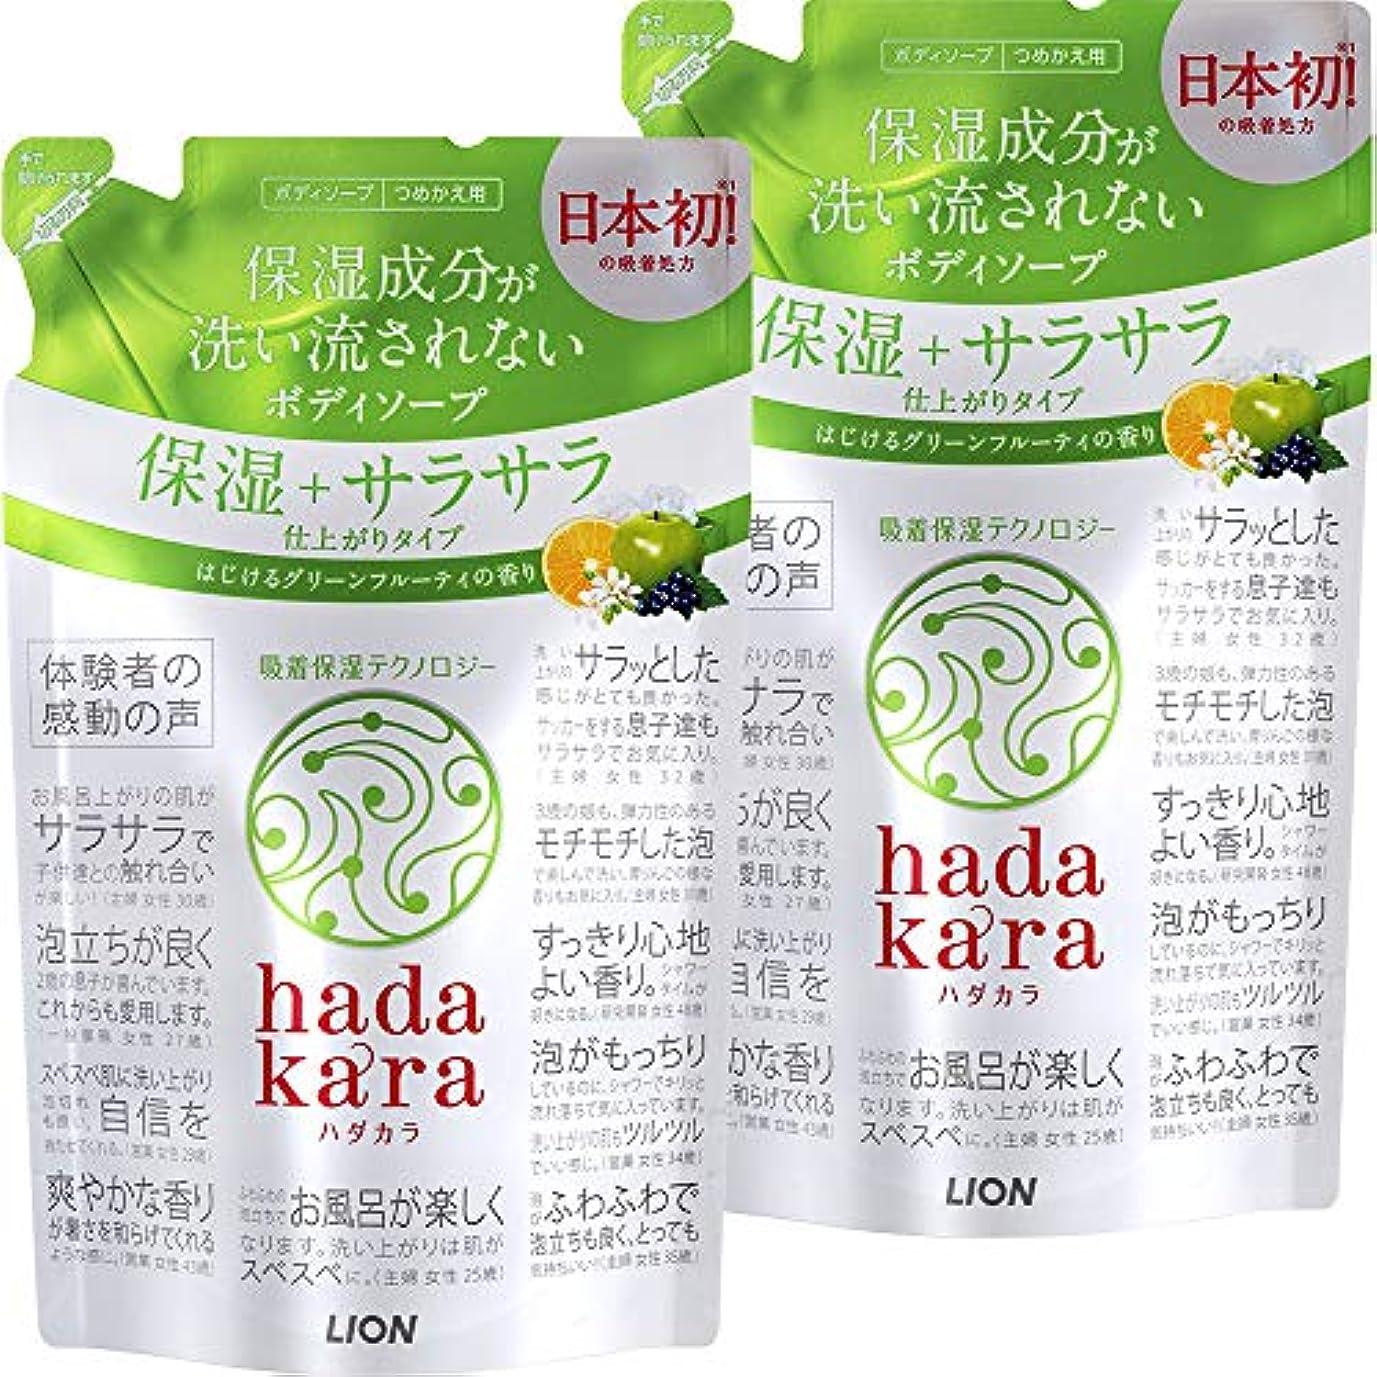 米国ガラガラカカドゥ【まとめ買い】hadakara(ハダカラ) ボディソープ 保湿+サラサラ仕上がりタイプ グリーンフルーティの香り 詰め替え 340ml×2個パック